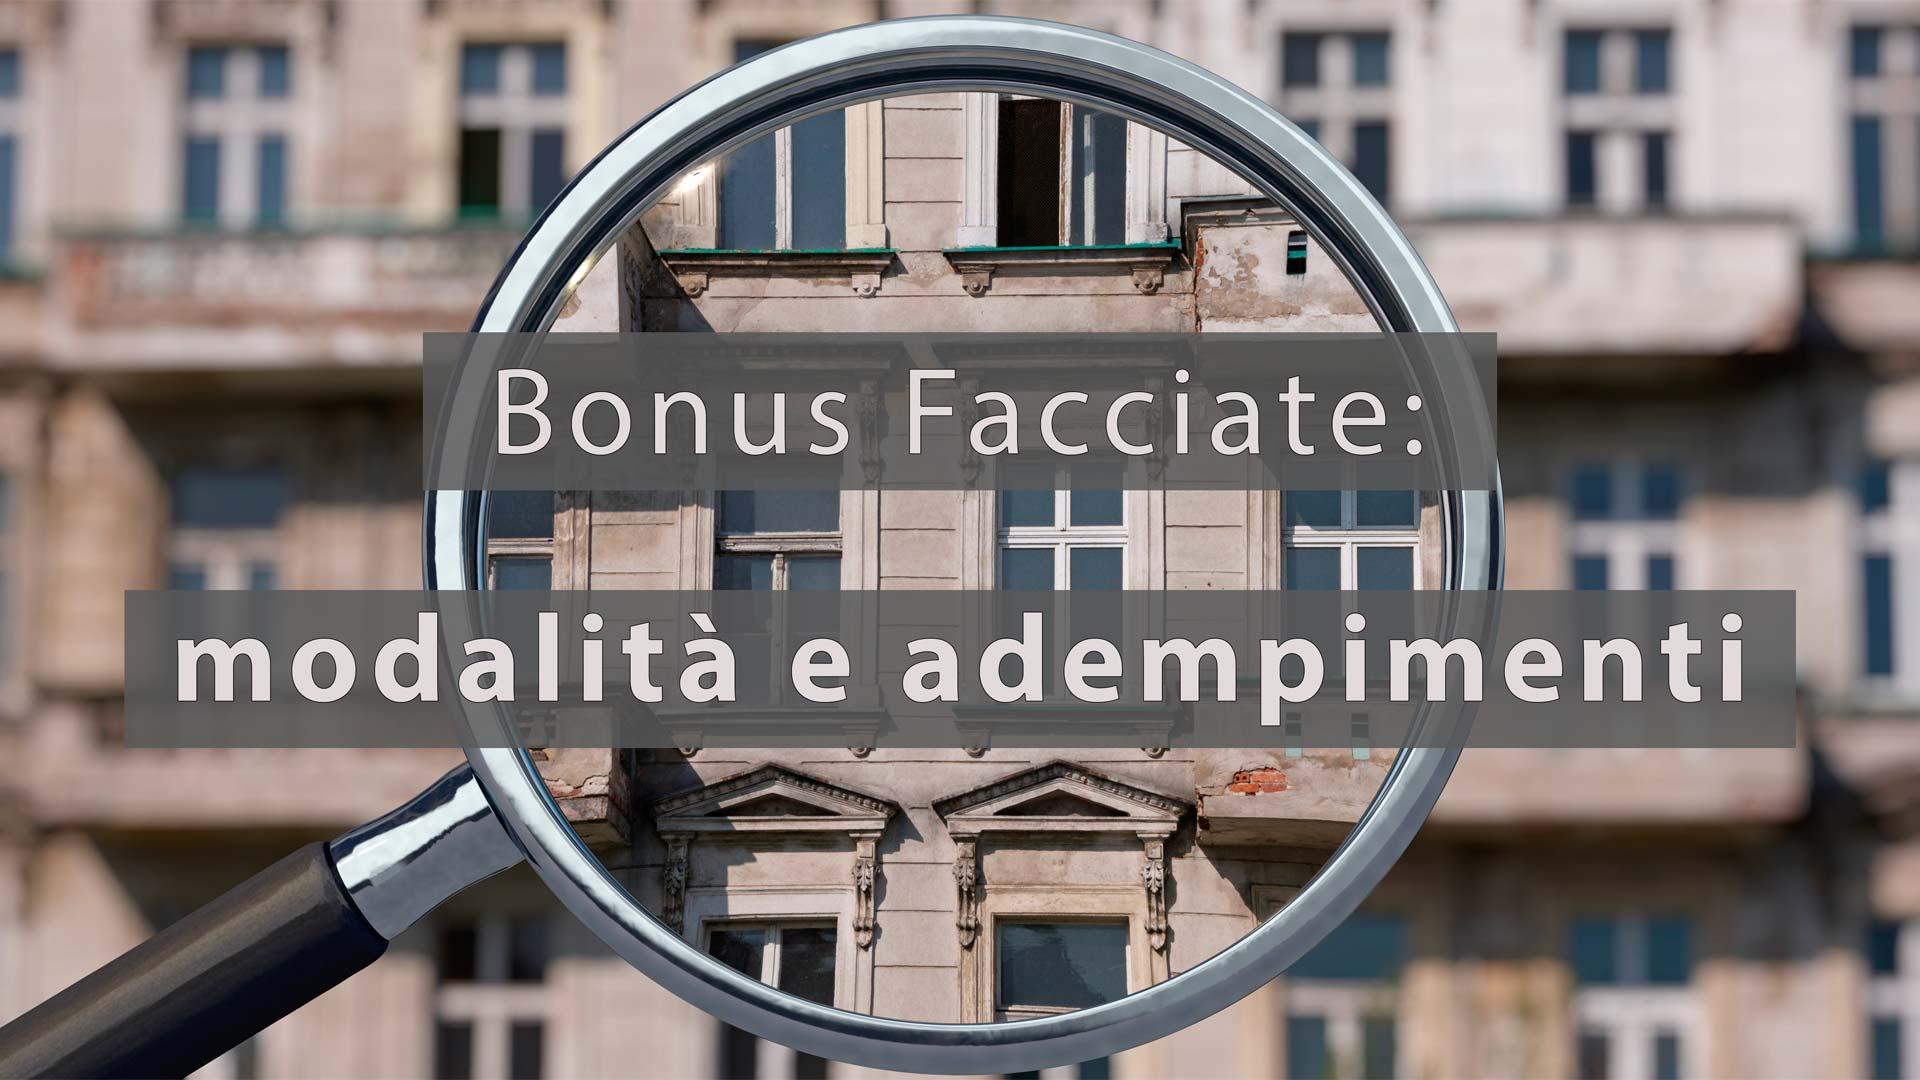 La Circolare Attuativa del Bonus Facciate 2020: modalità e adempimenti